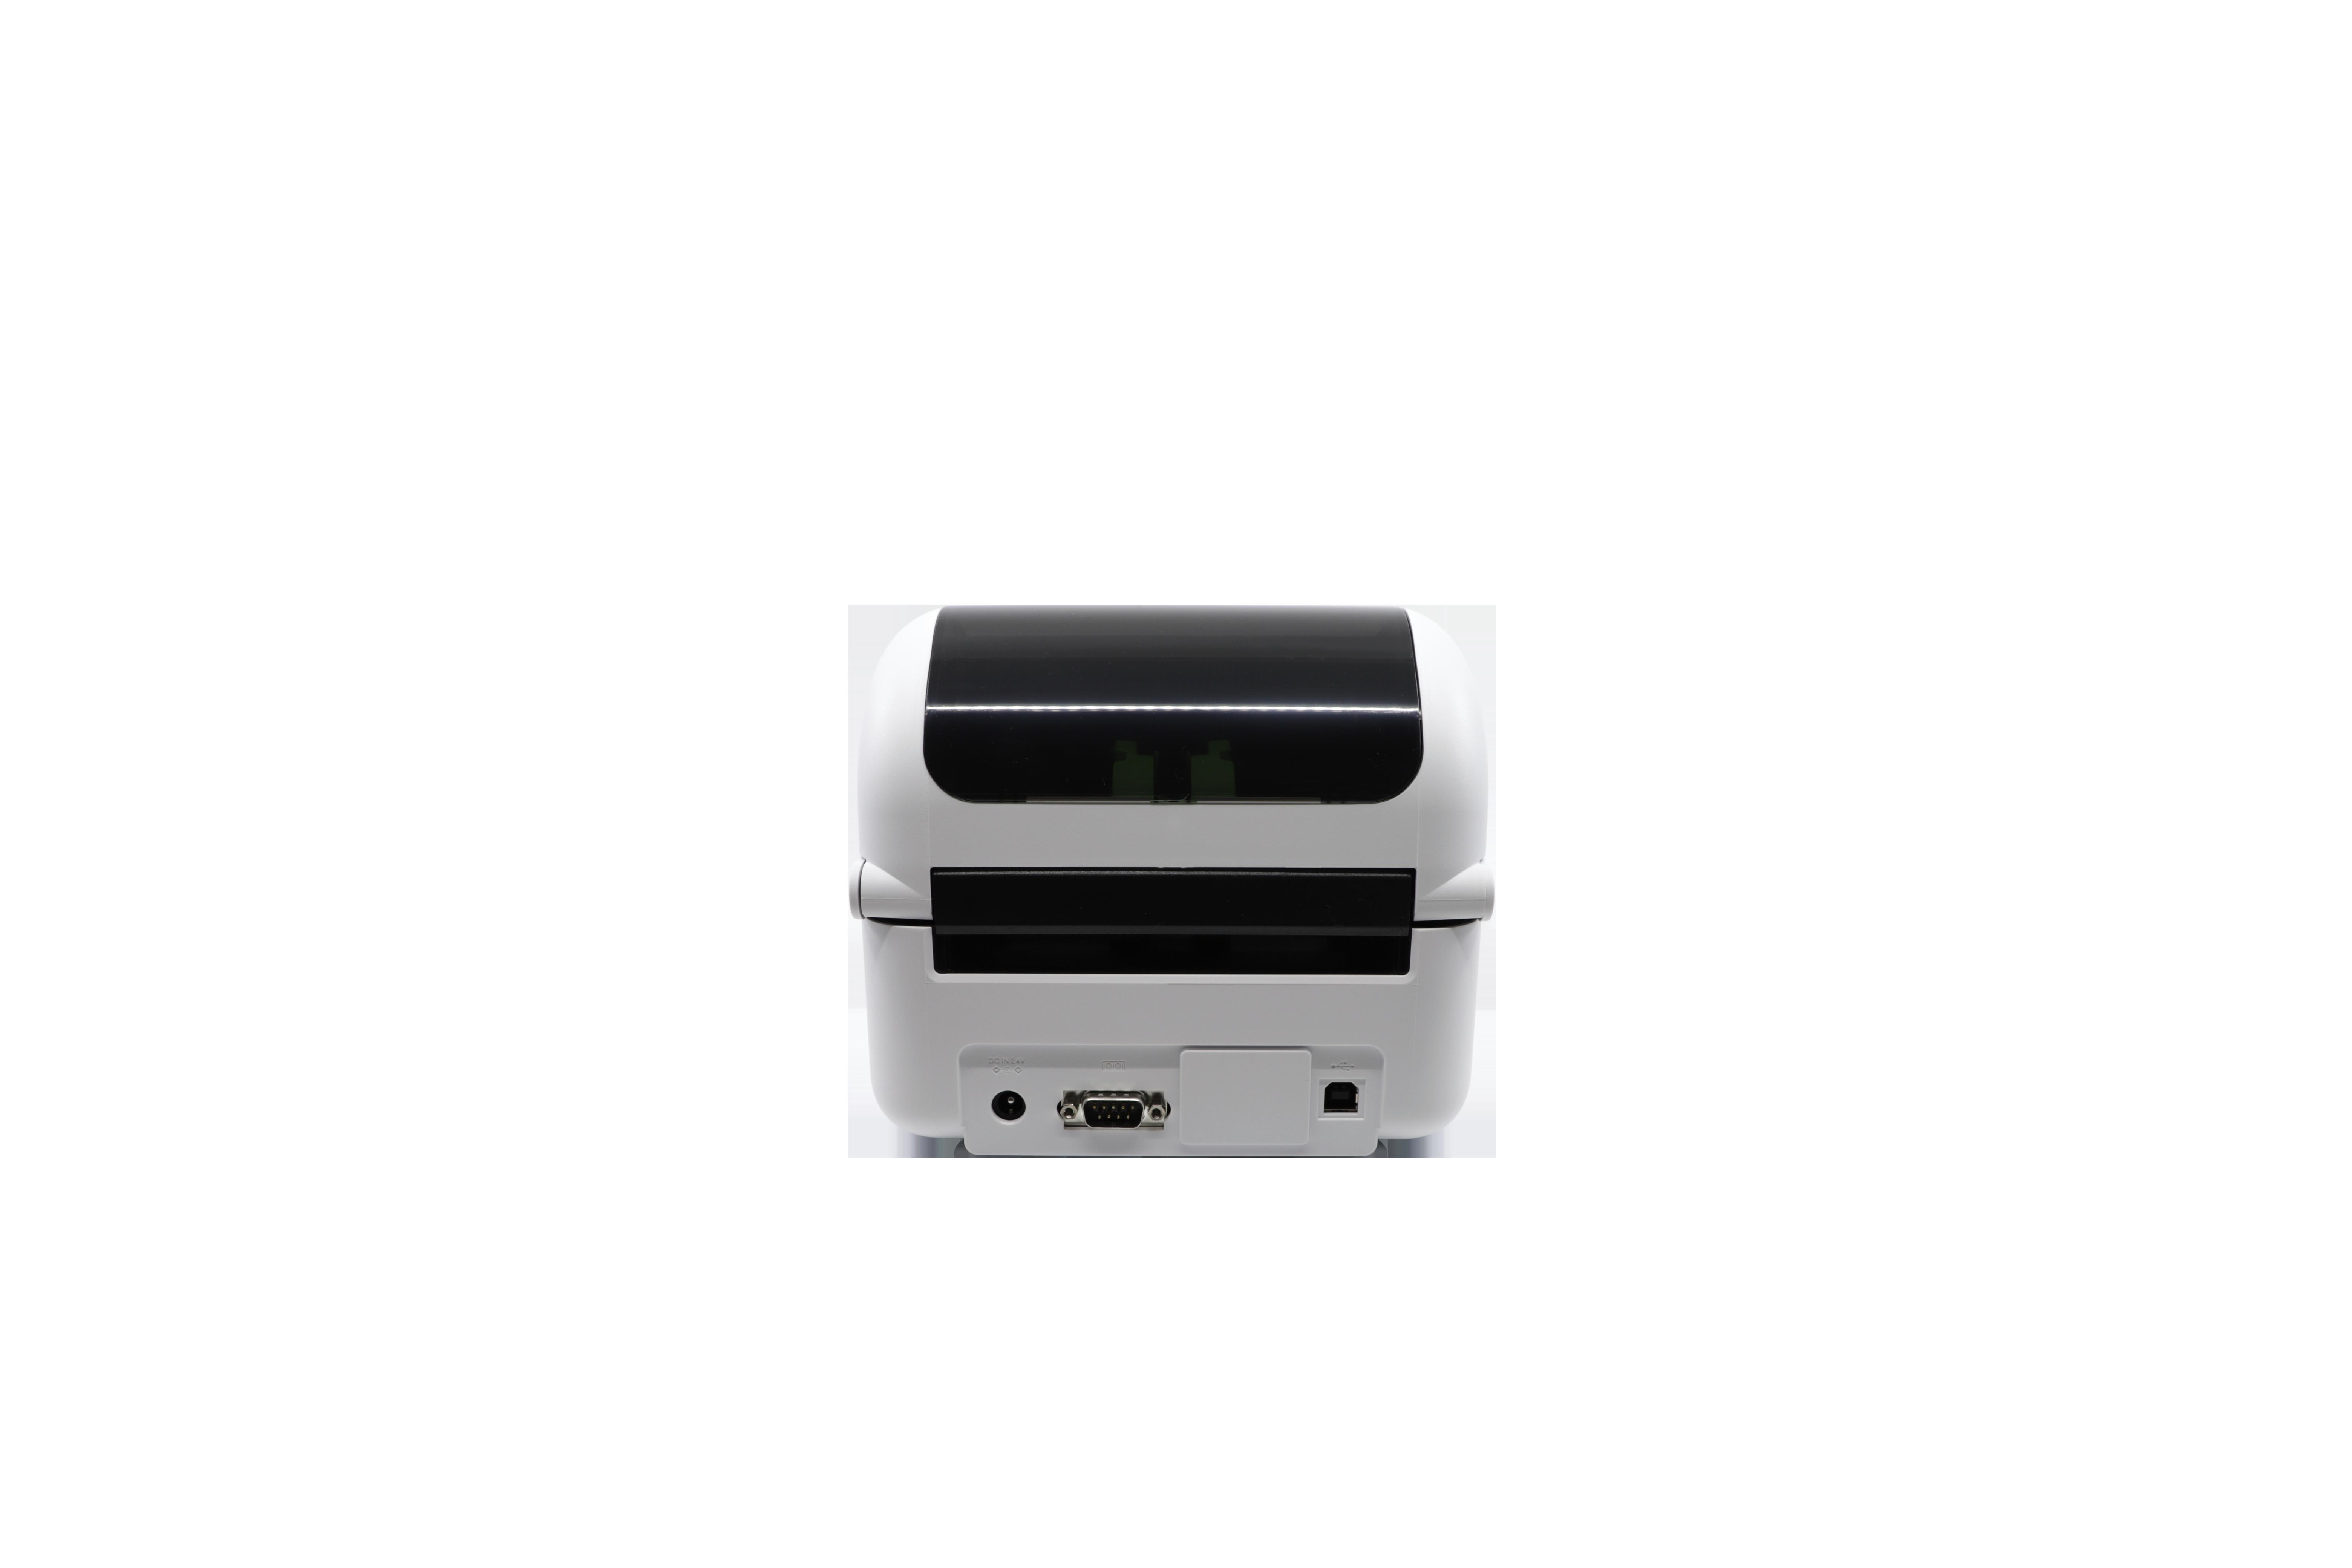 TD-4410D back